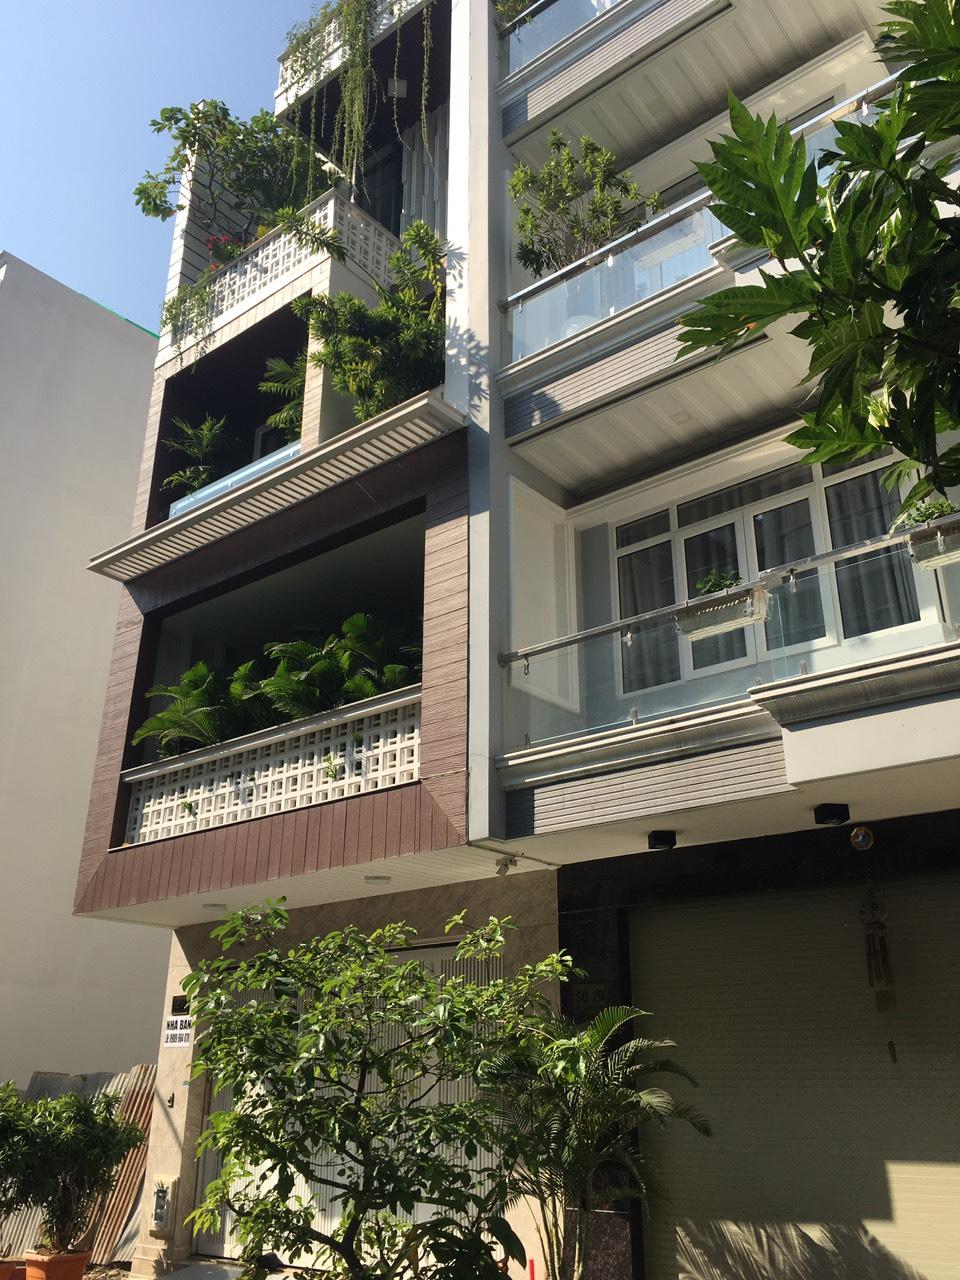 Bán nhà hẻm 88 Nguyễn Văn Qùy, Khu phố 1, P. Phú Thuận